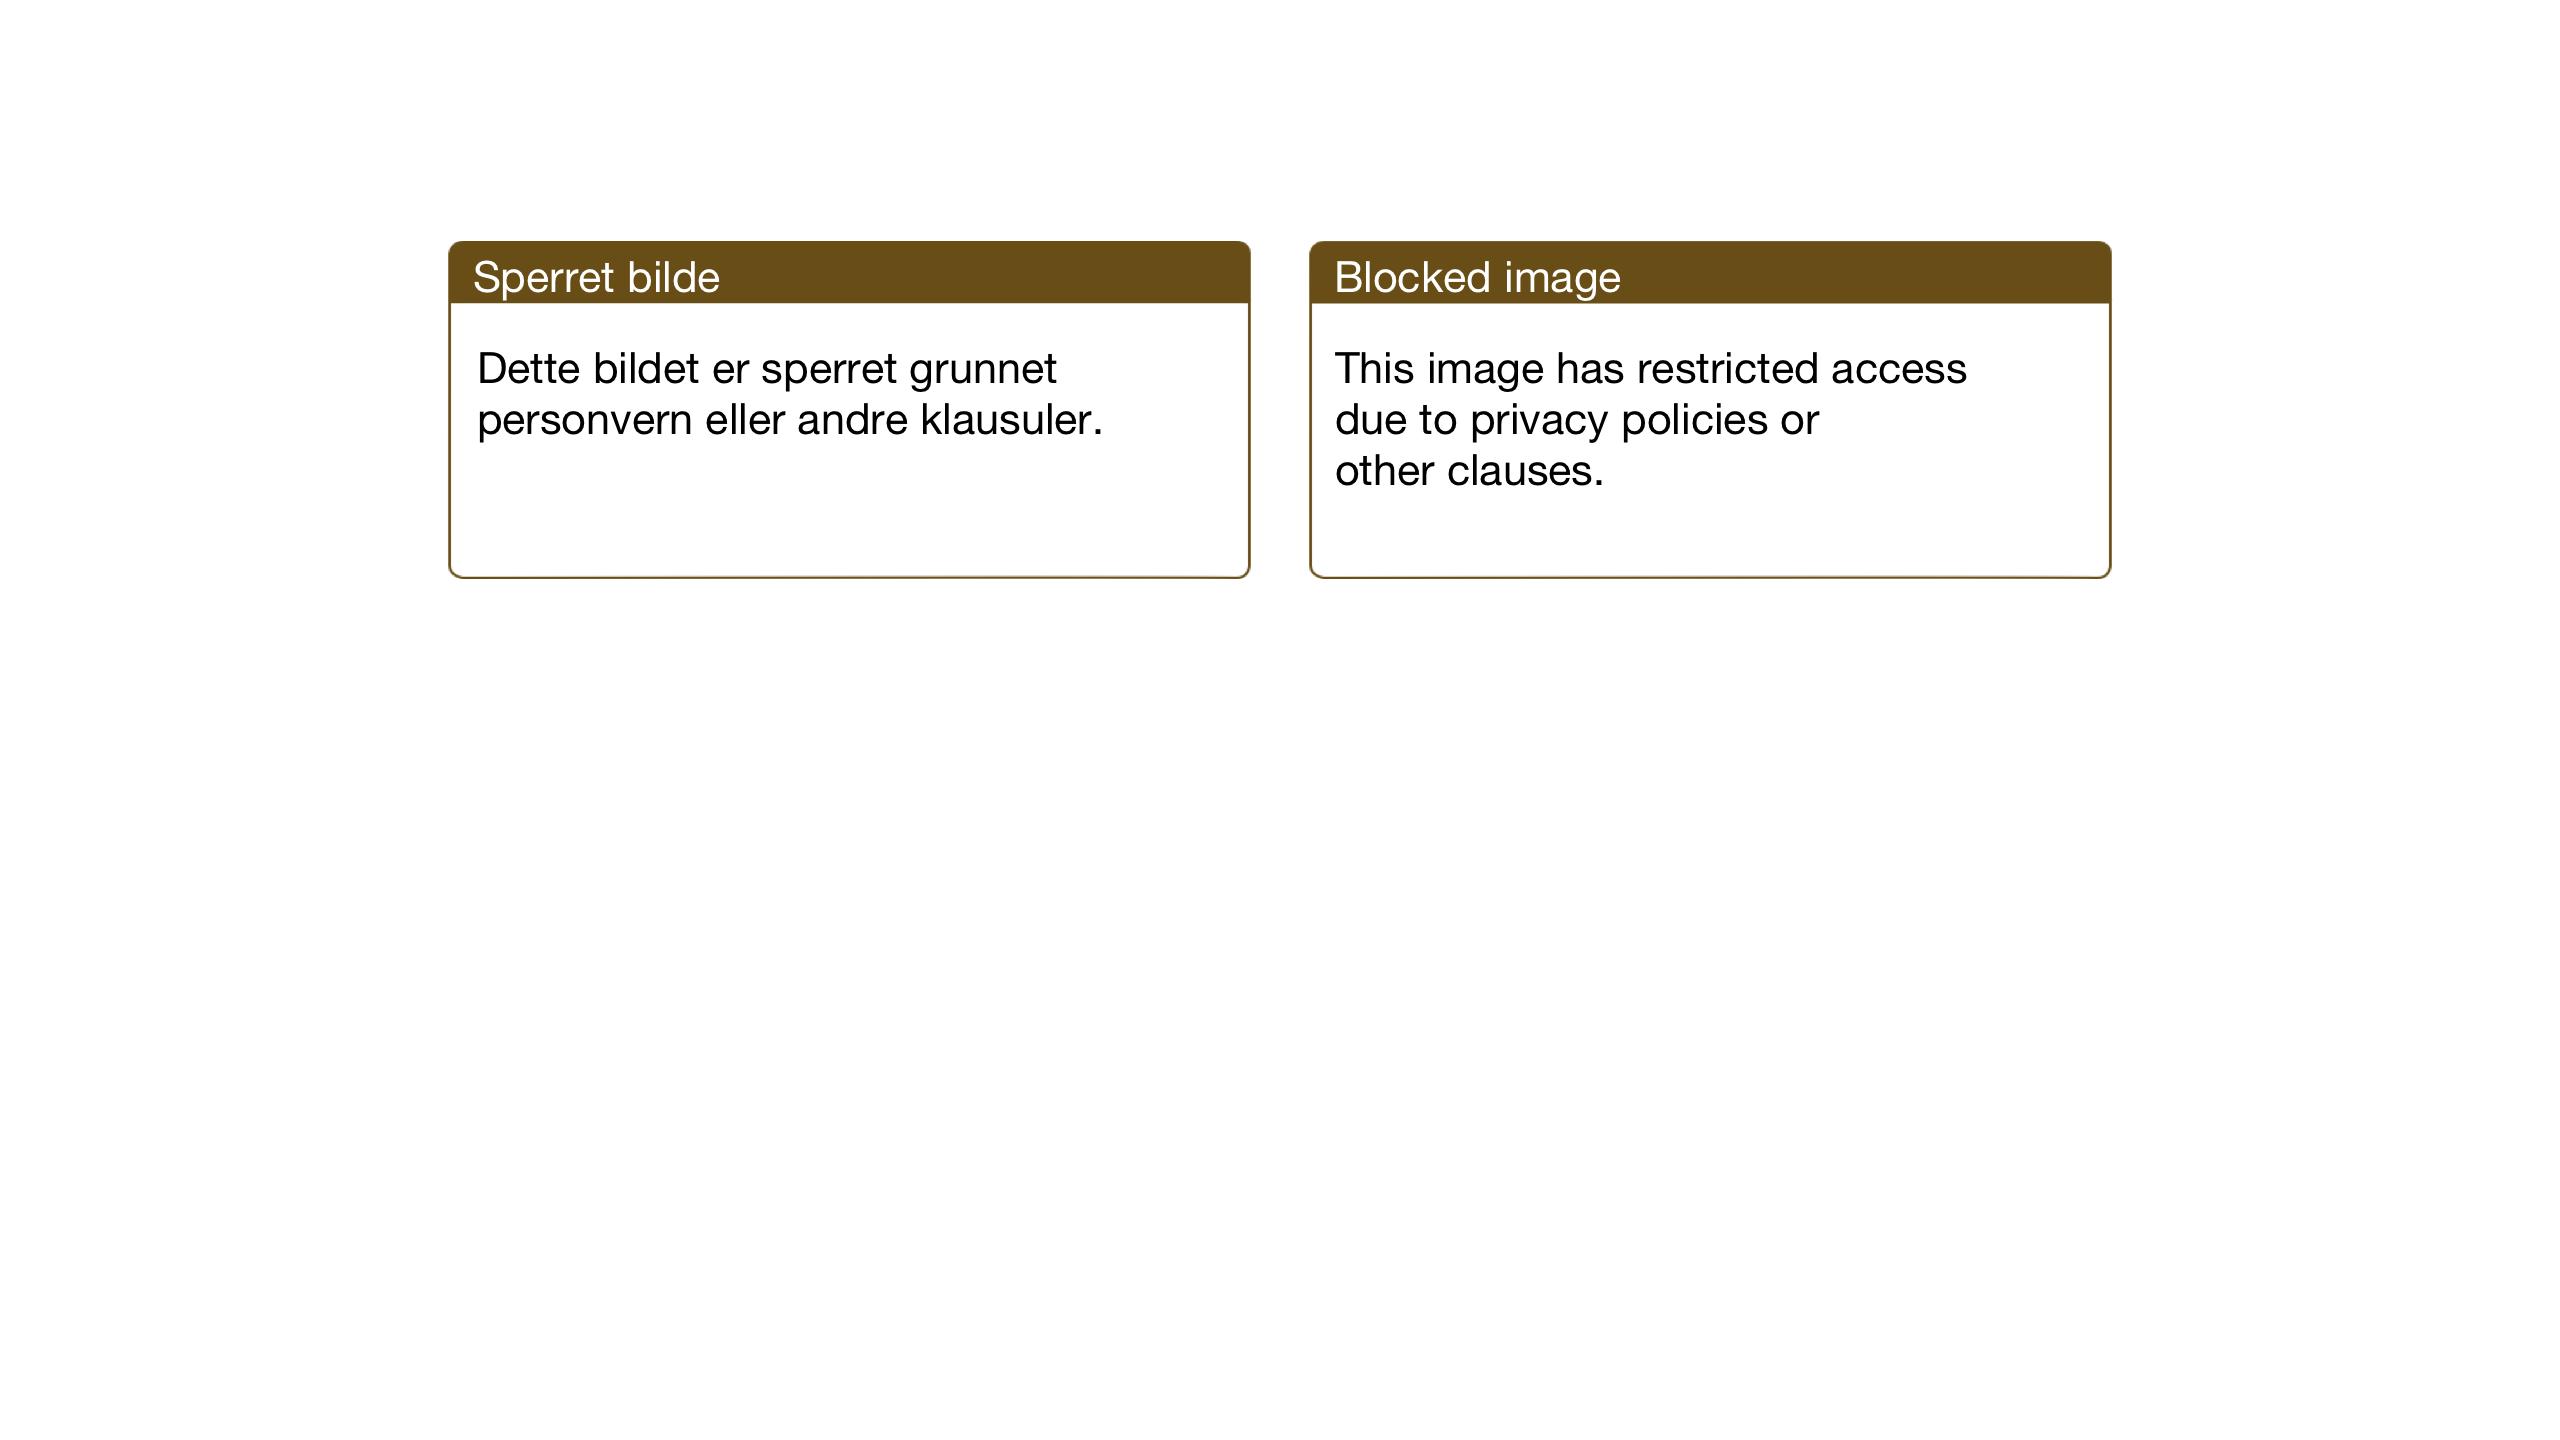 SAT, Ministerialprotokoller, klokkerbøker og fødselsregistre - Nord-Trøndelag, 774/L0631: Klokkerbok nr. 774C02, 1934-1950, s. 18